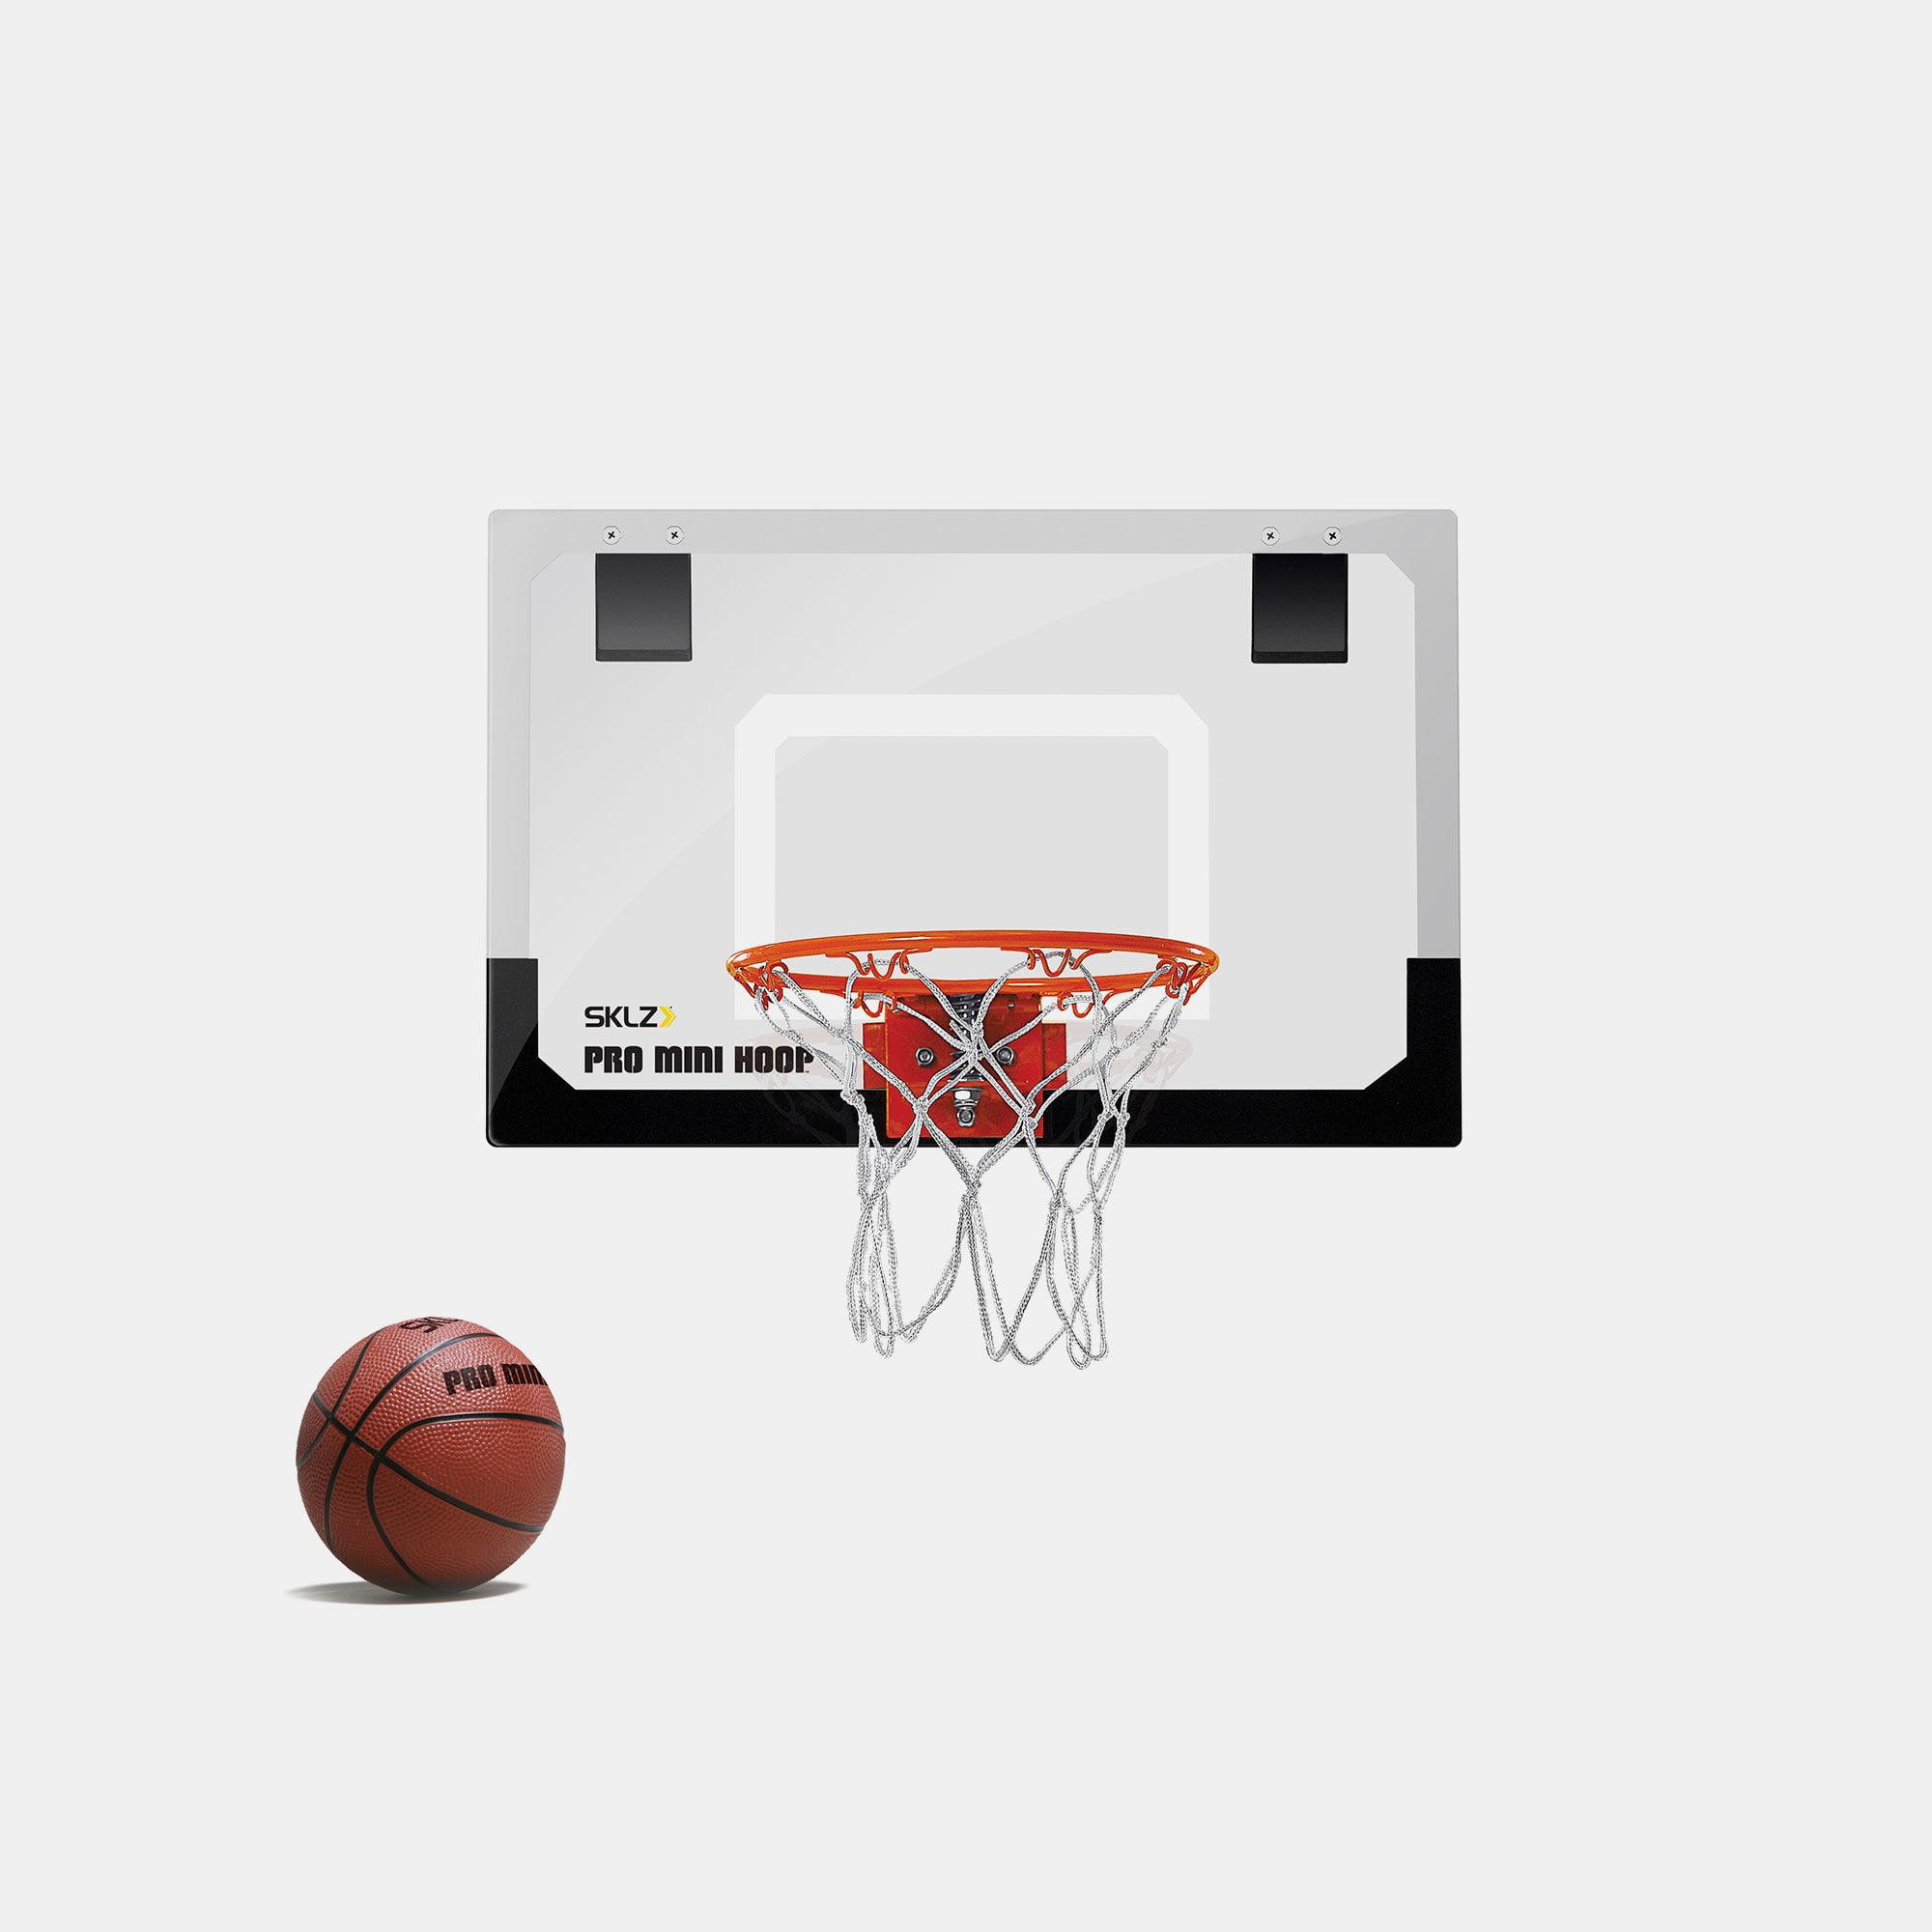 SKLZ Pro Mini Mountable Basketball Hoop